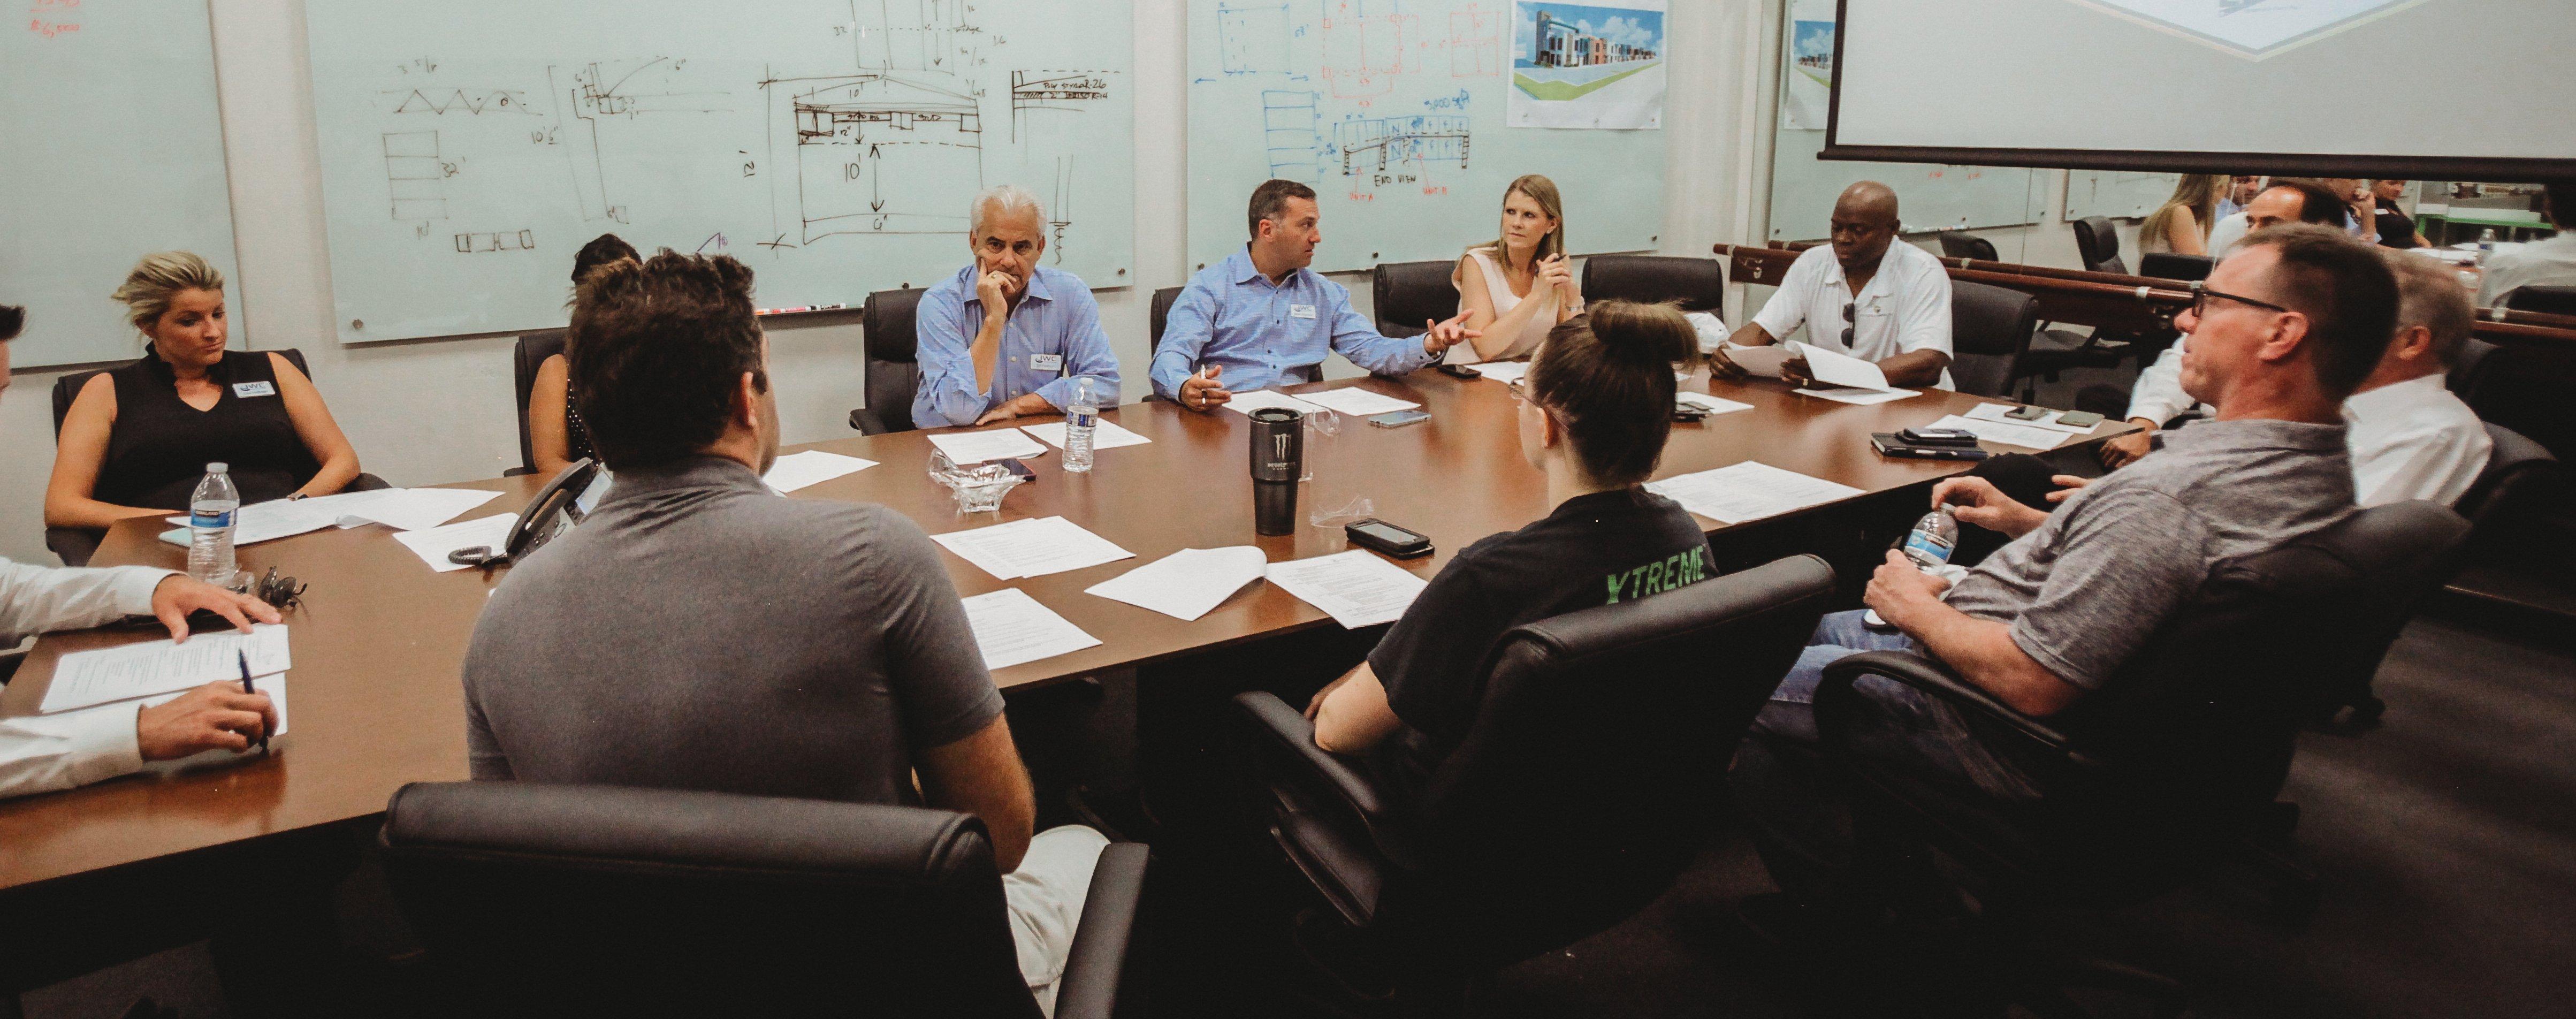 Board Room Image for Website